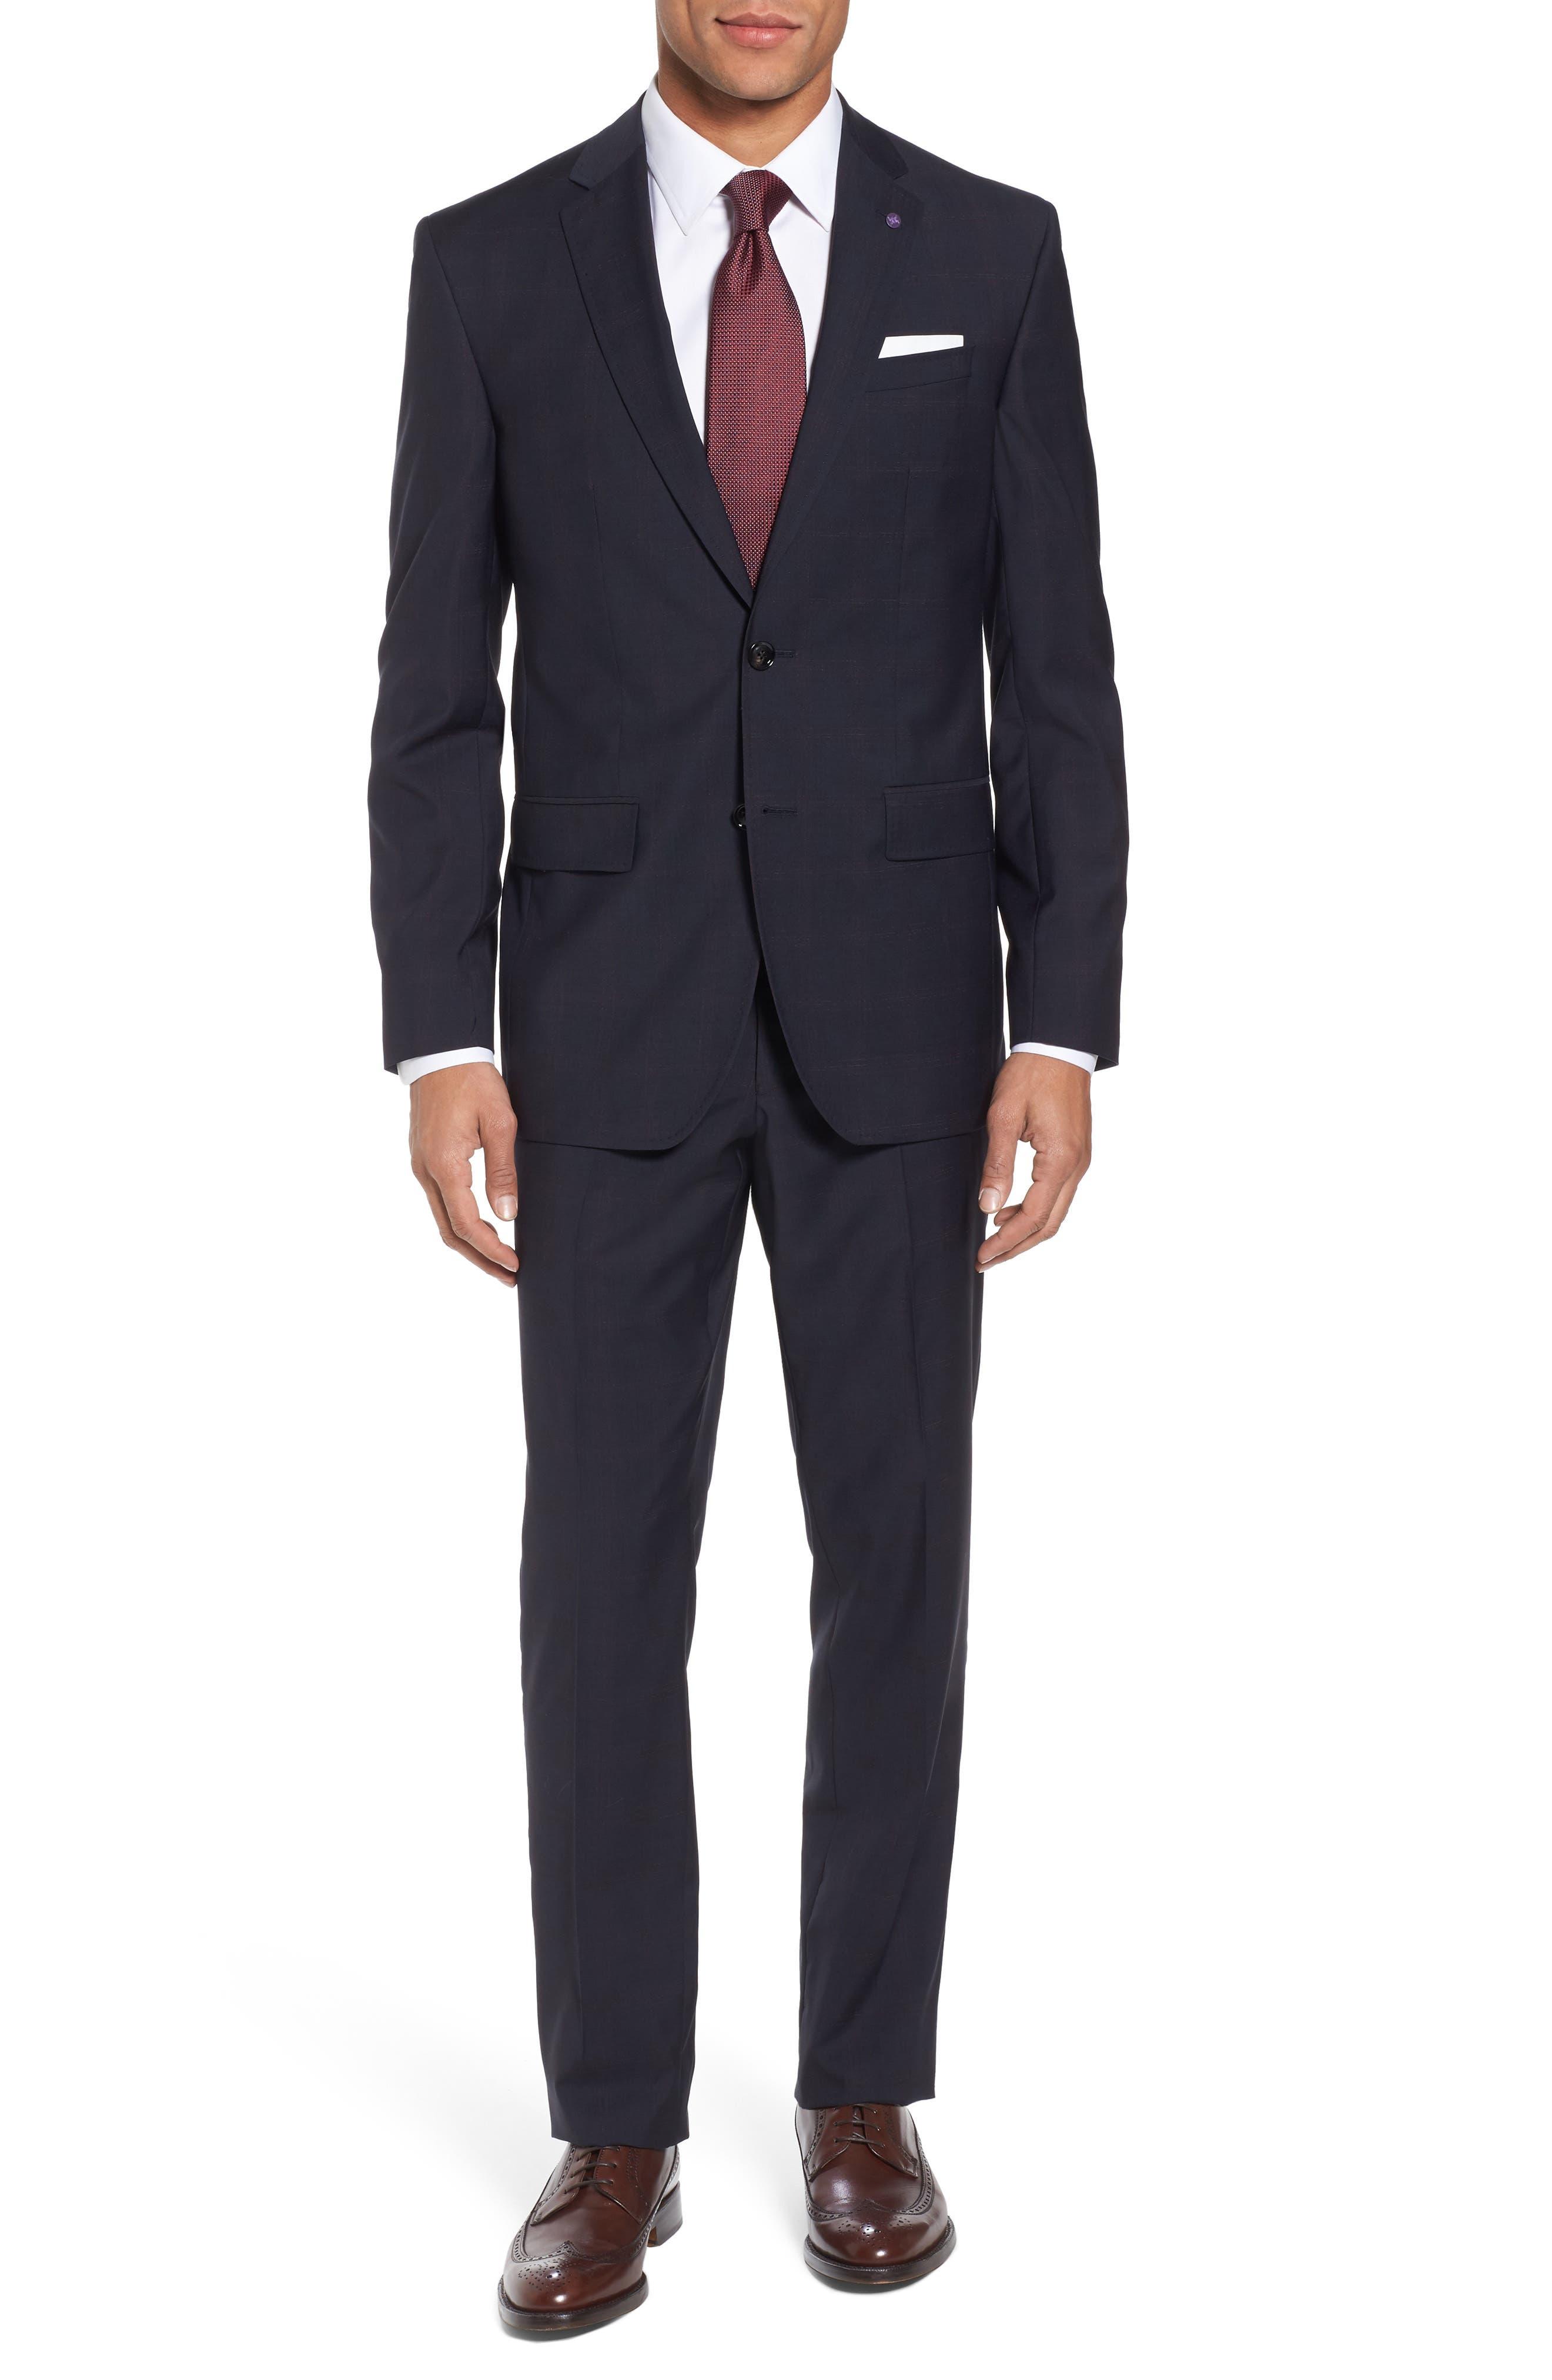 Jay Trim Fit Plaid Wool Suit,                             Main thumbnail 1, color,                             001